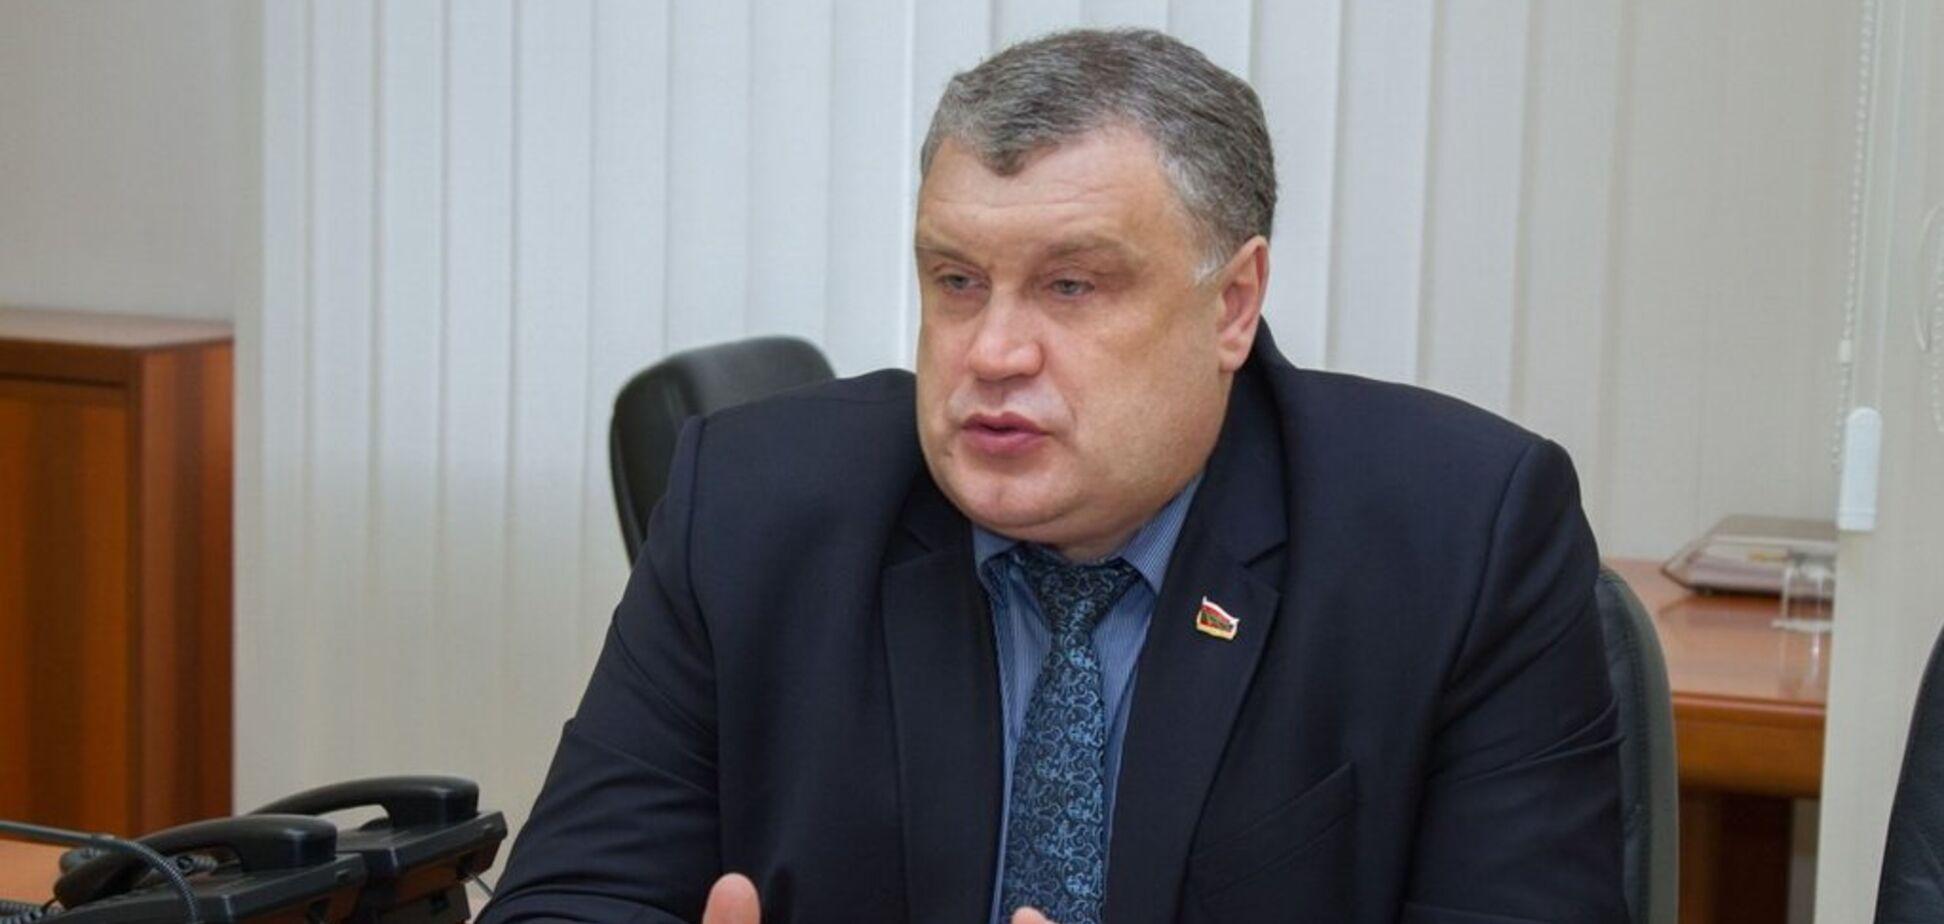 Жестокая расправа над экс-мэром из Молдовы под Одессой: задержан вероятный заказчик